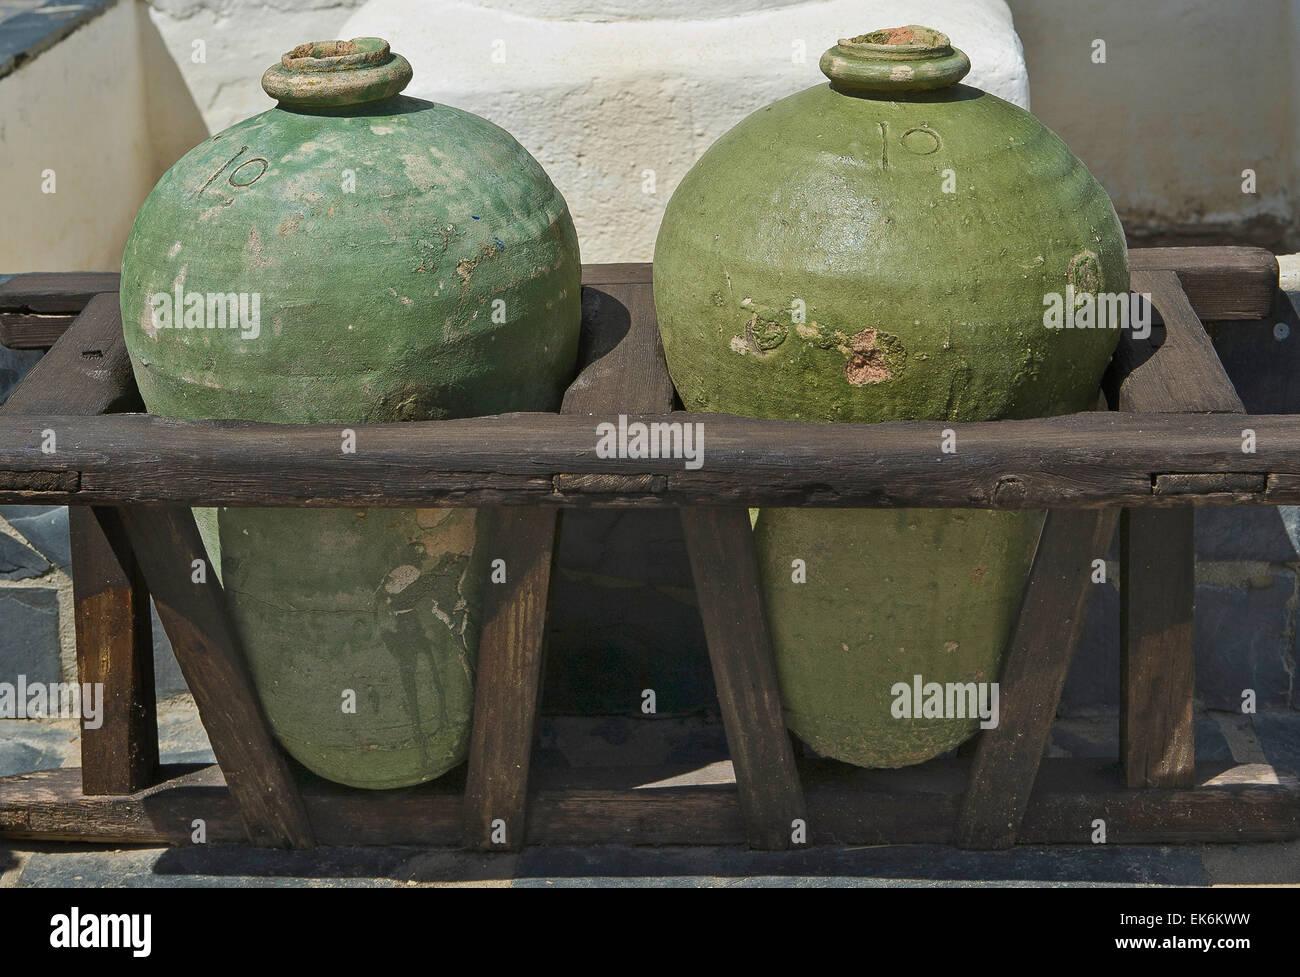 Old wooden base for transportation of jars, Huelva, Spain - Stock Image